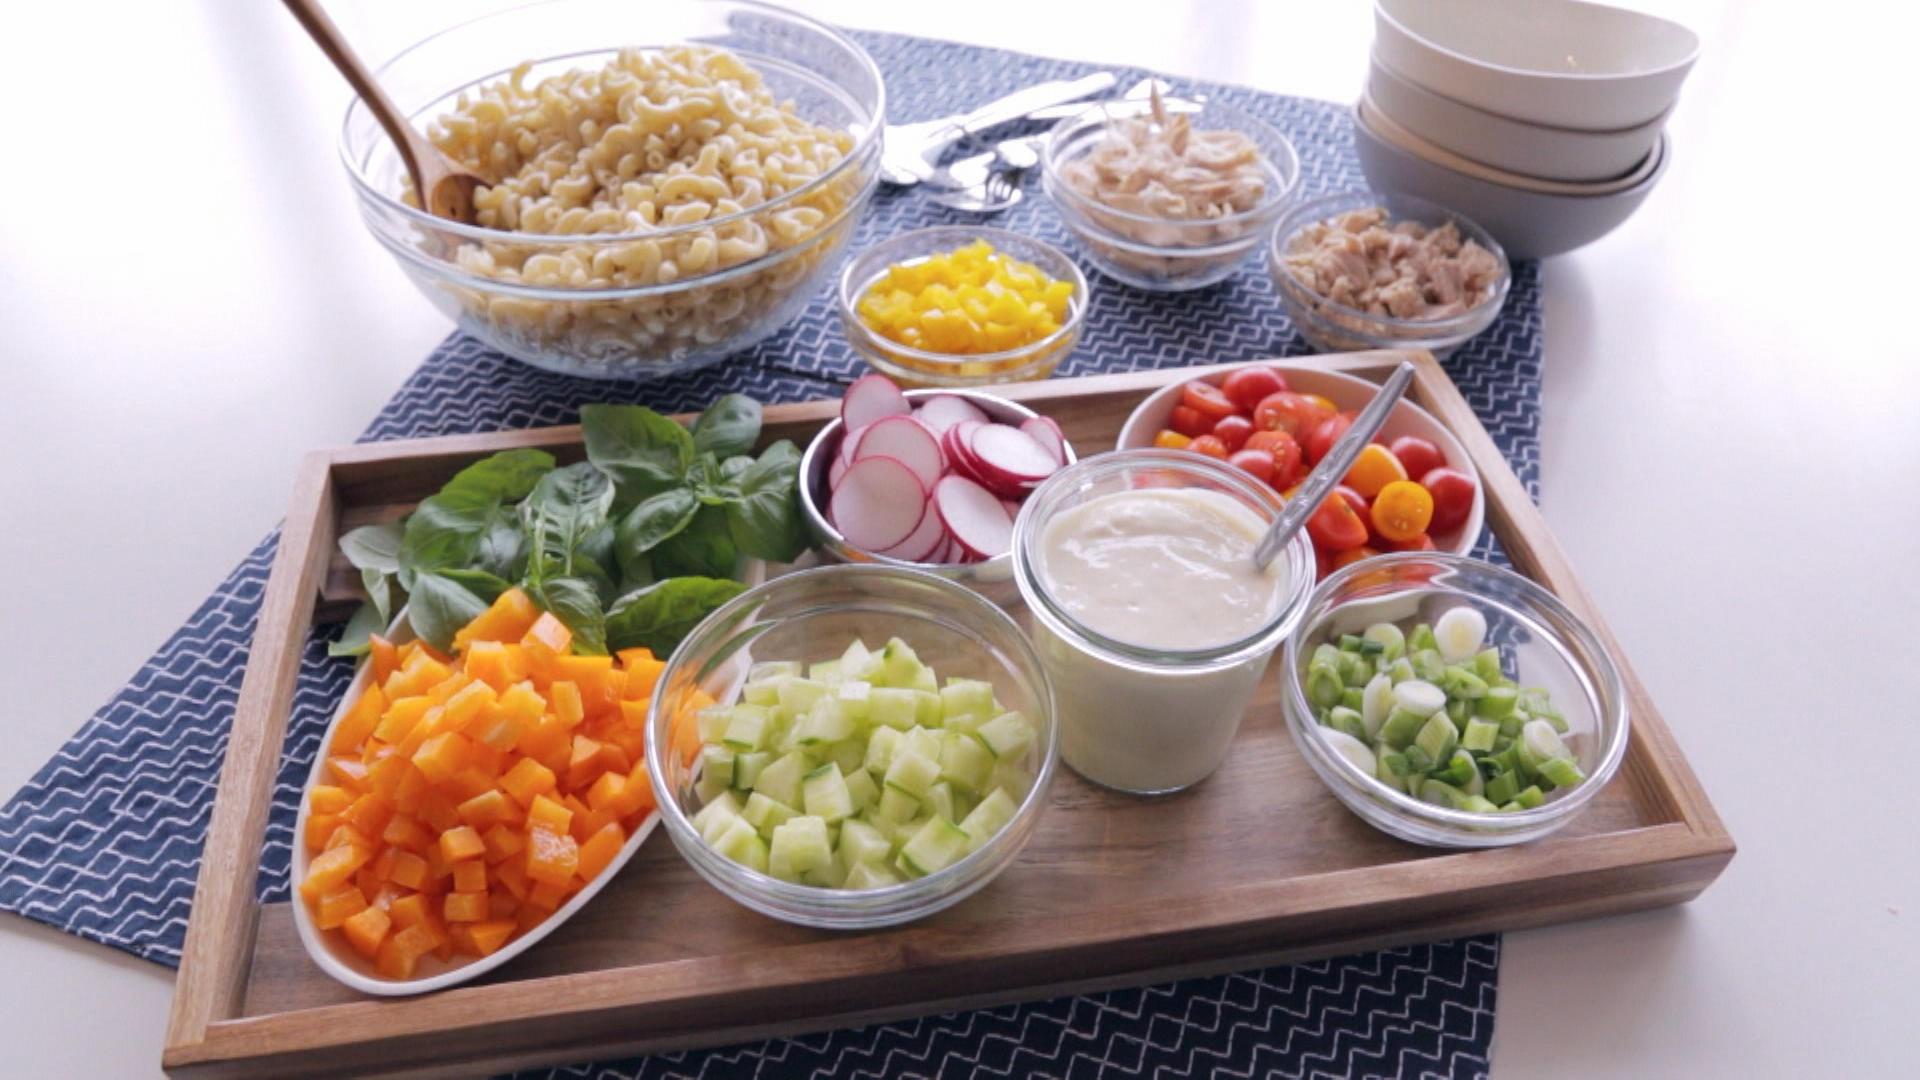 bar salade de macaroni cuisine fut e parents press s zone vid o t l qu bec. Black Bedroom Furniture Sets. Home Design Ideas